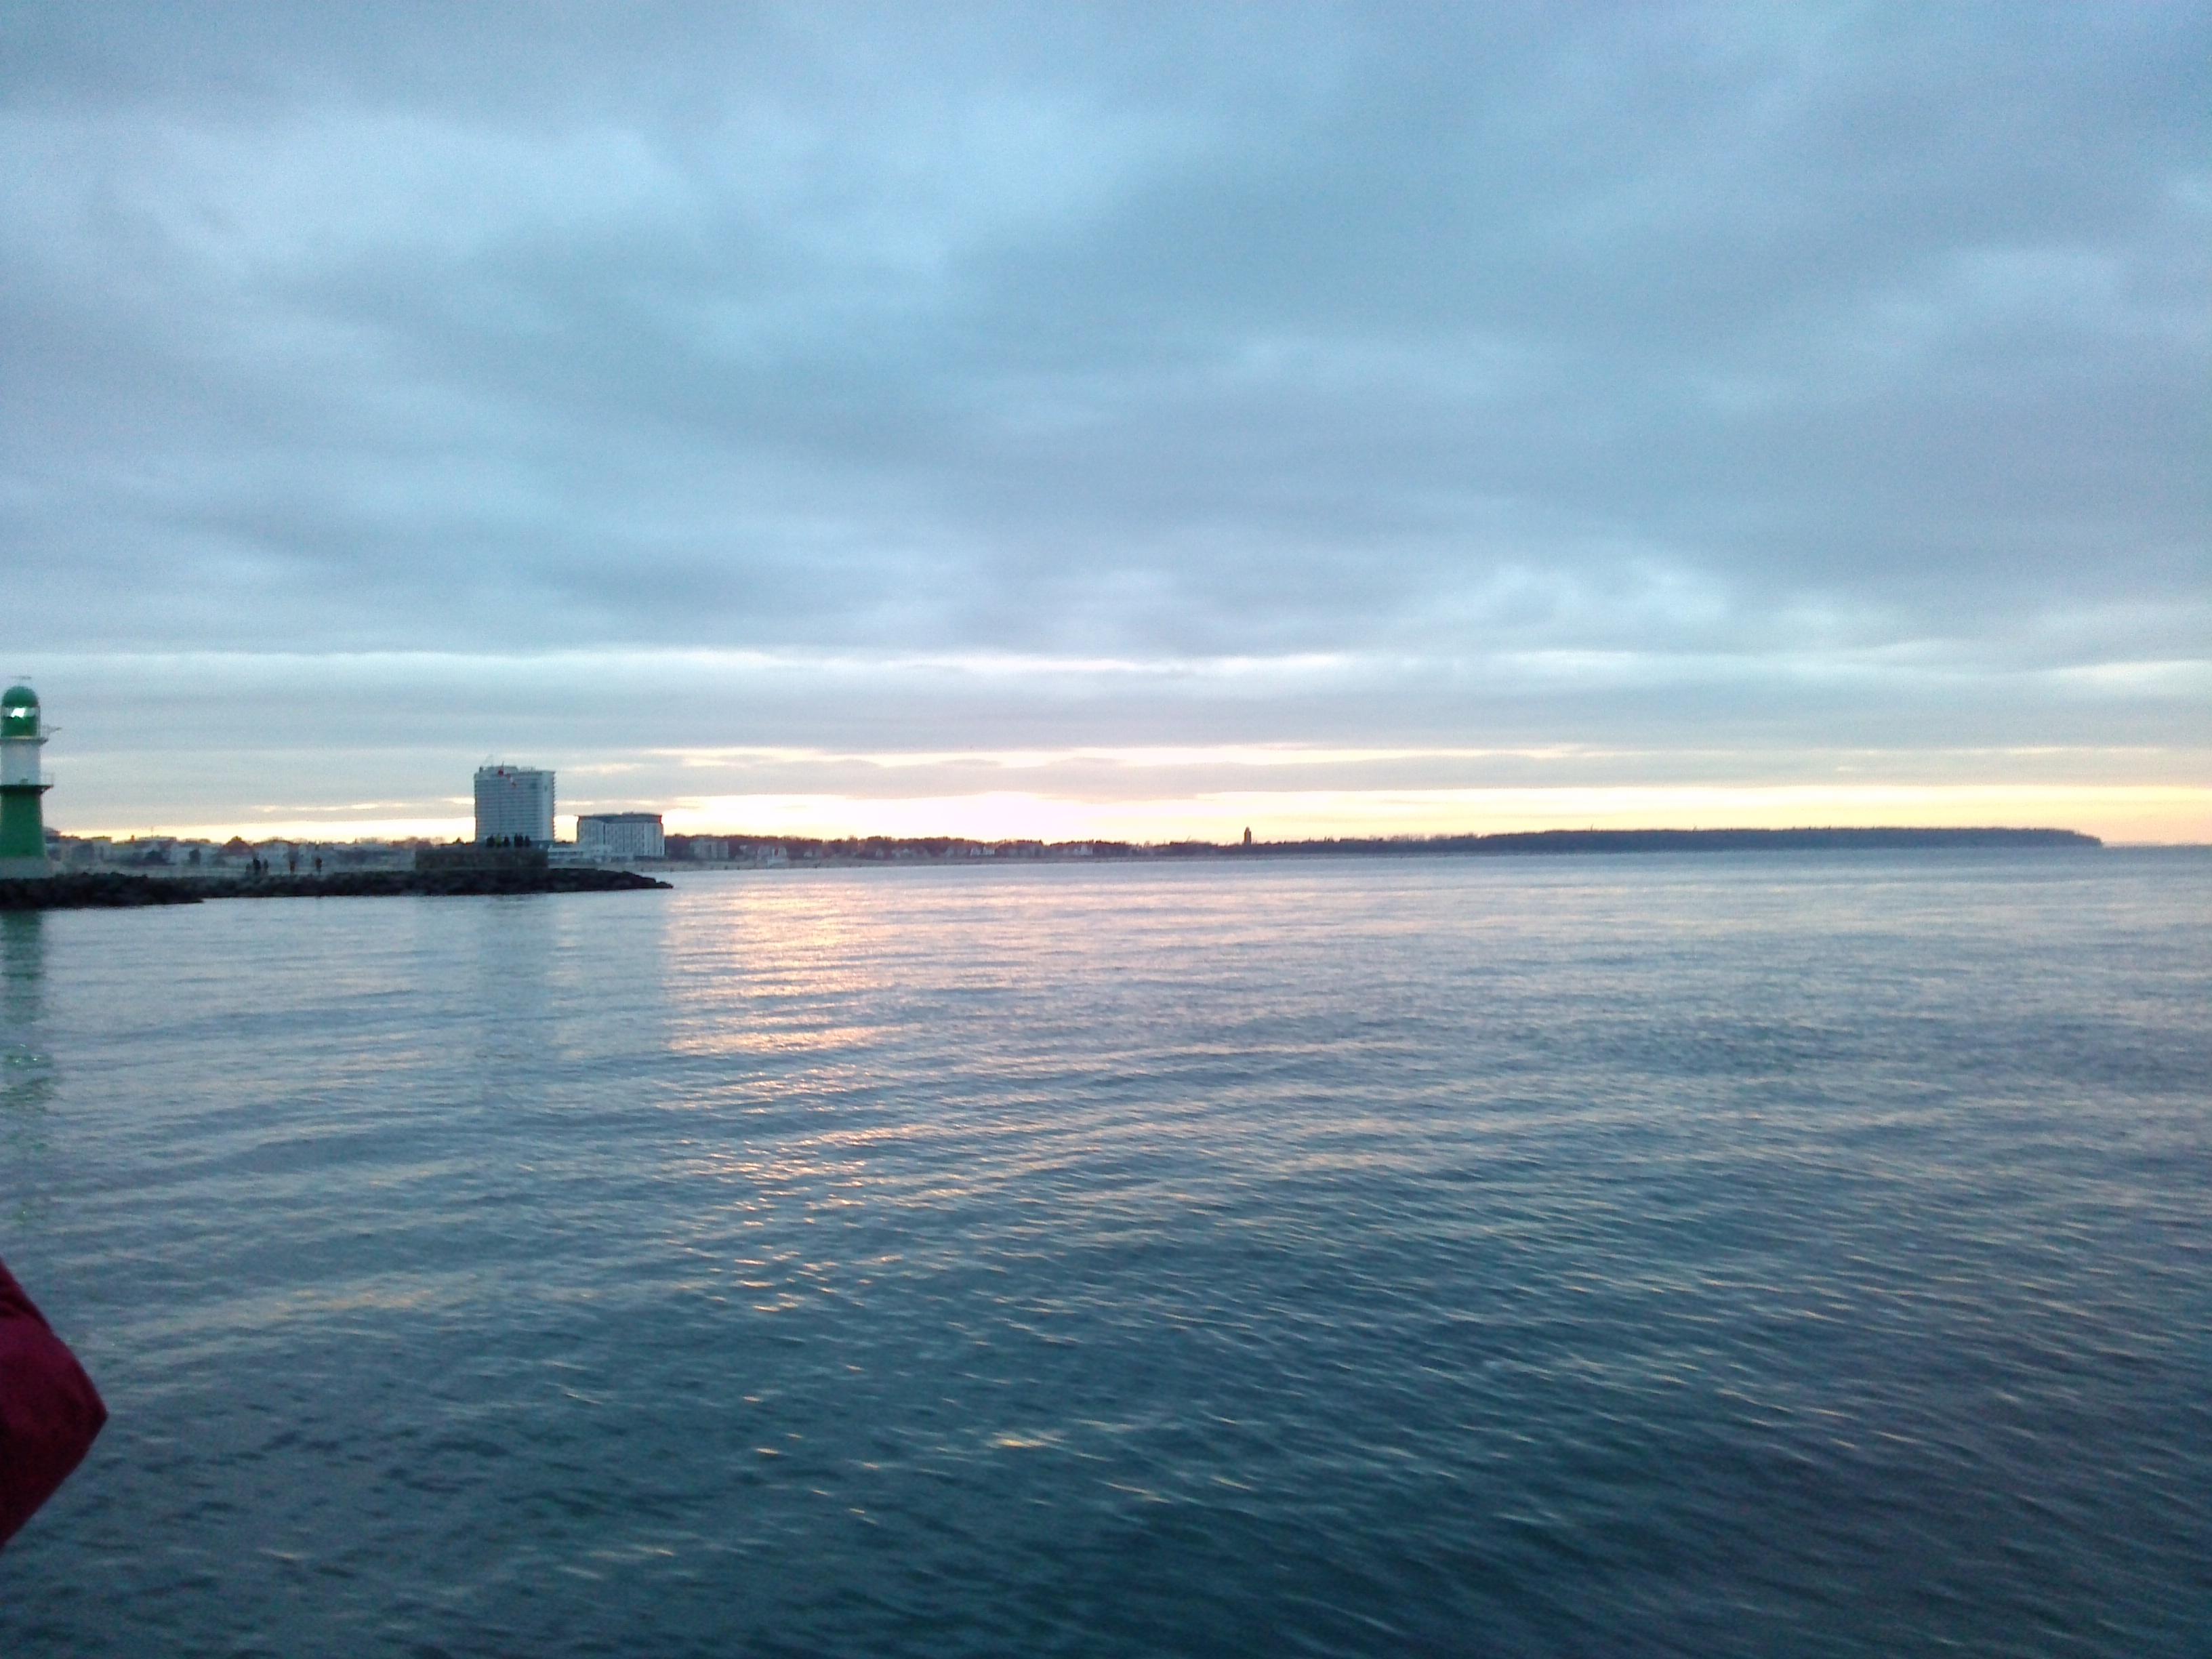 Fiskado - OWS 15.12.2018 033 - Ostseewassersport - Poseidon - angeltouren, ferienwohnungen, cutter-rides, bootsverleih, boat-charters, angelguiding